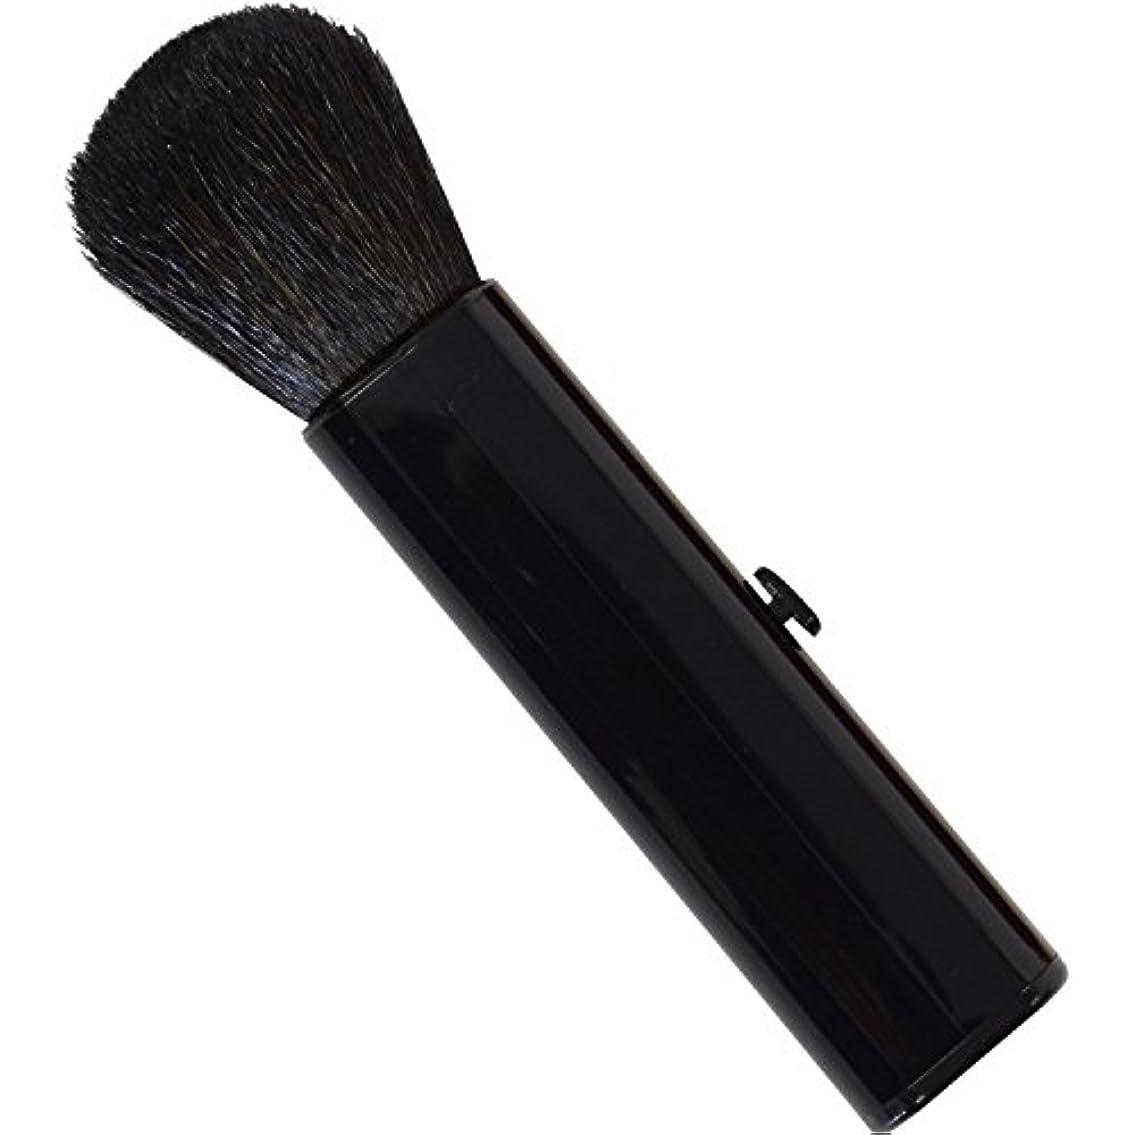 ささやき洗練けがをするSC-704BK 六角館さくら堂 スライドチークブラシ 黒 山羊毛100% シンプルなデザイン 便利なケース付き